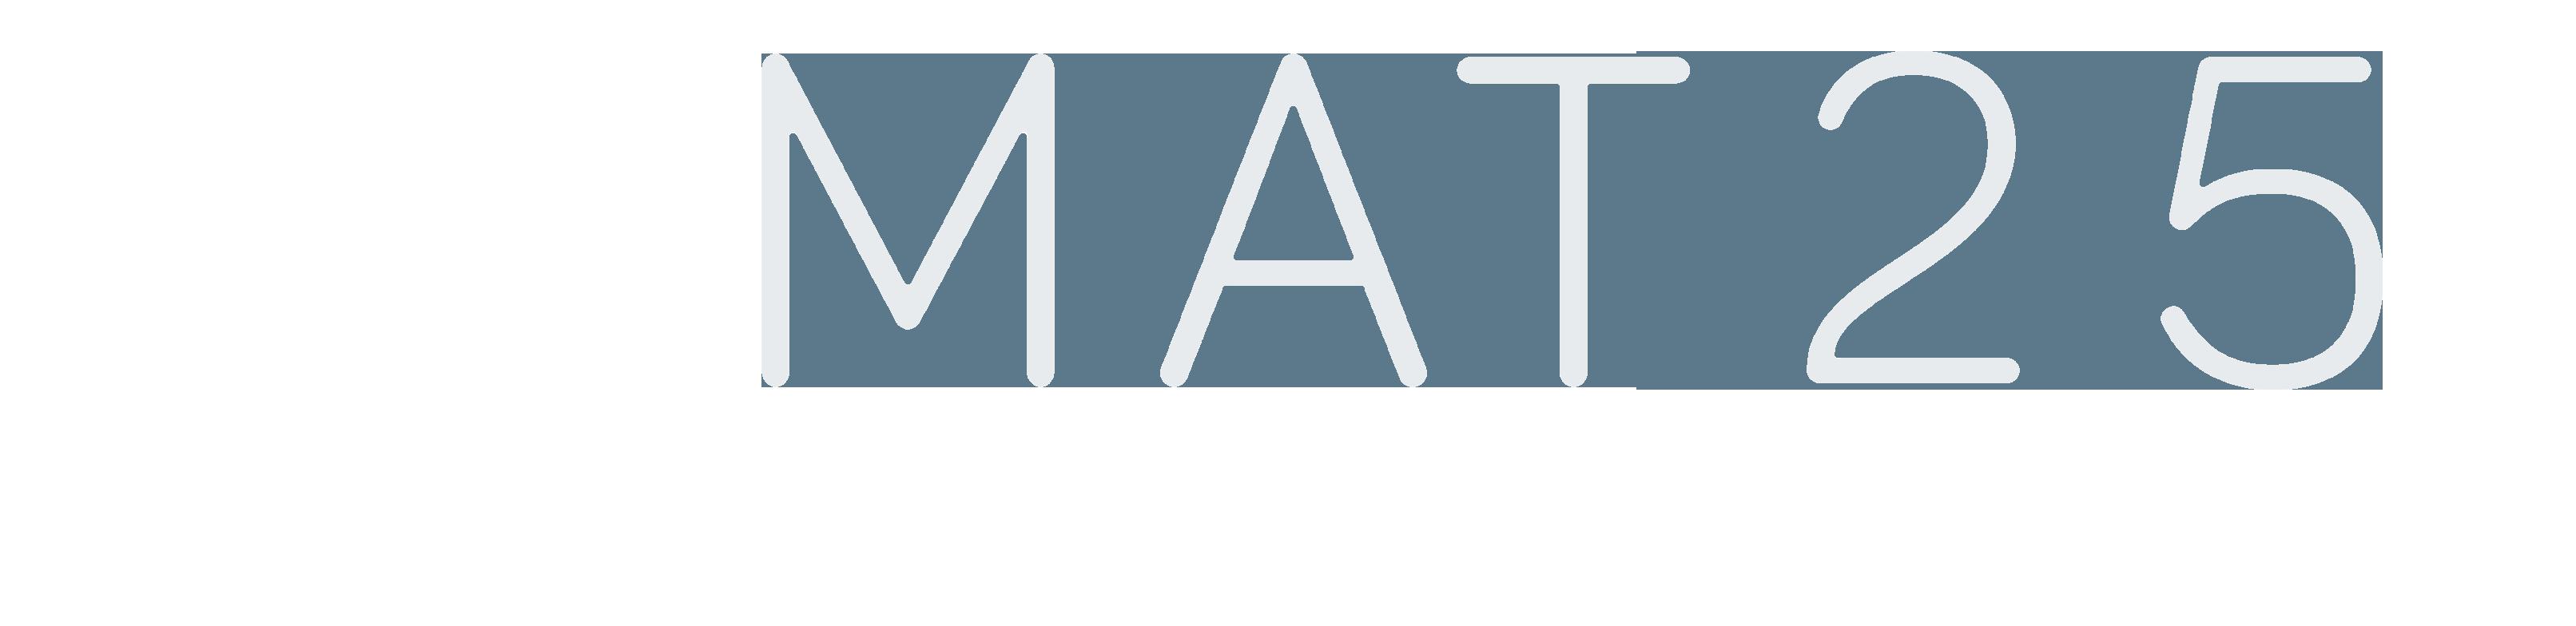 MAT25